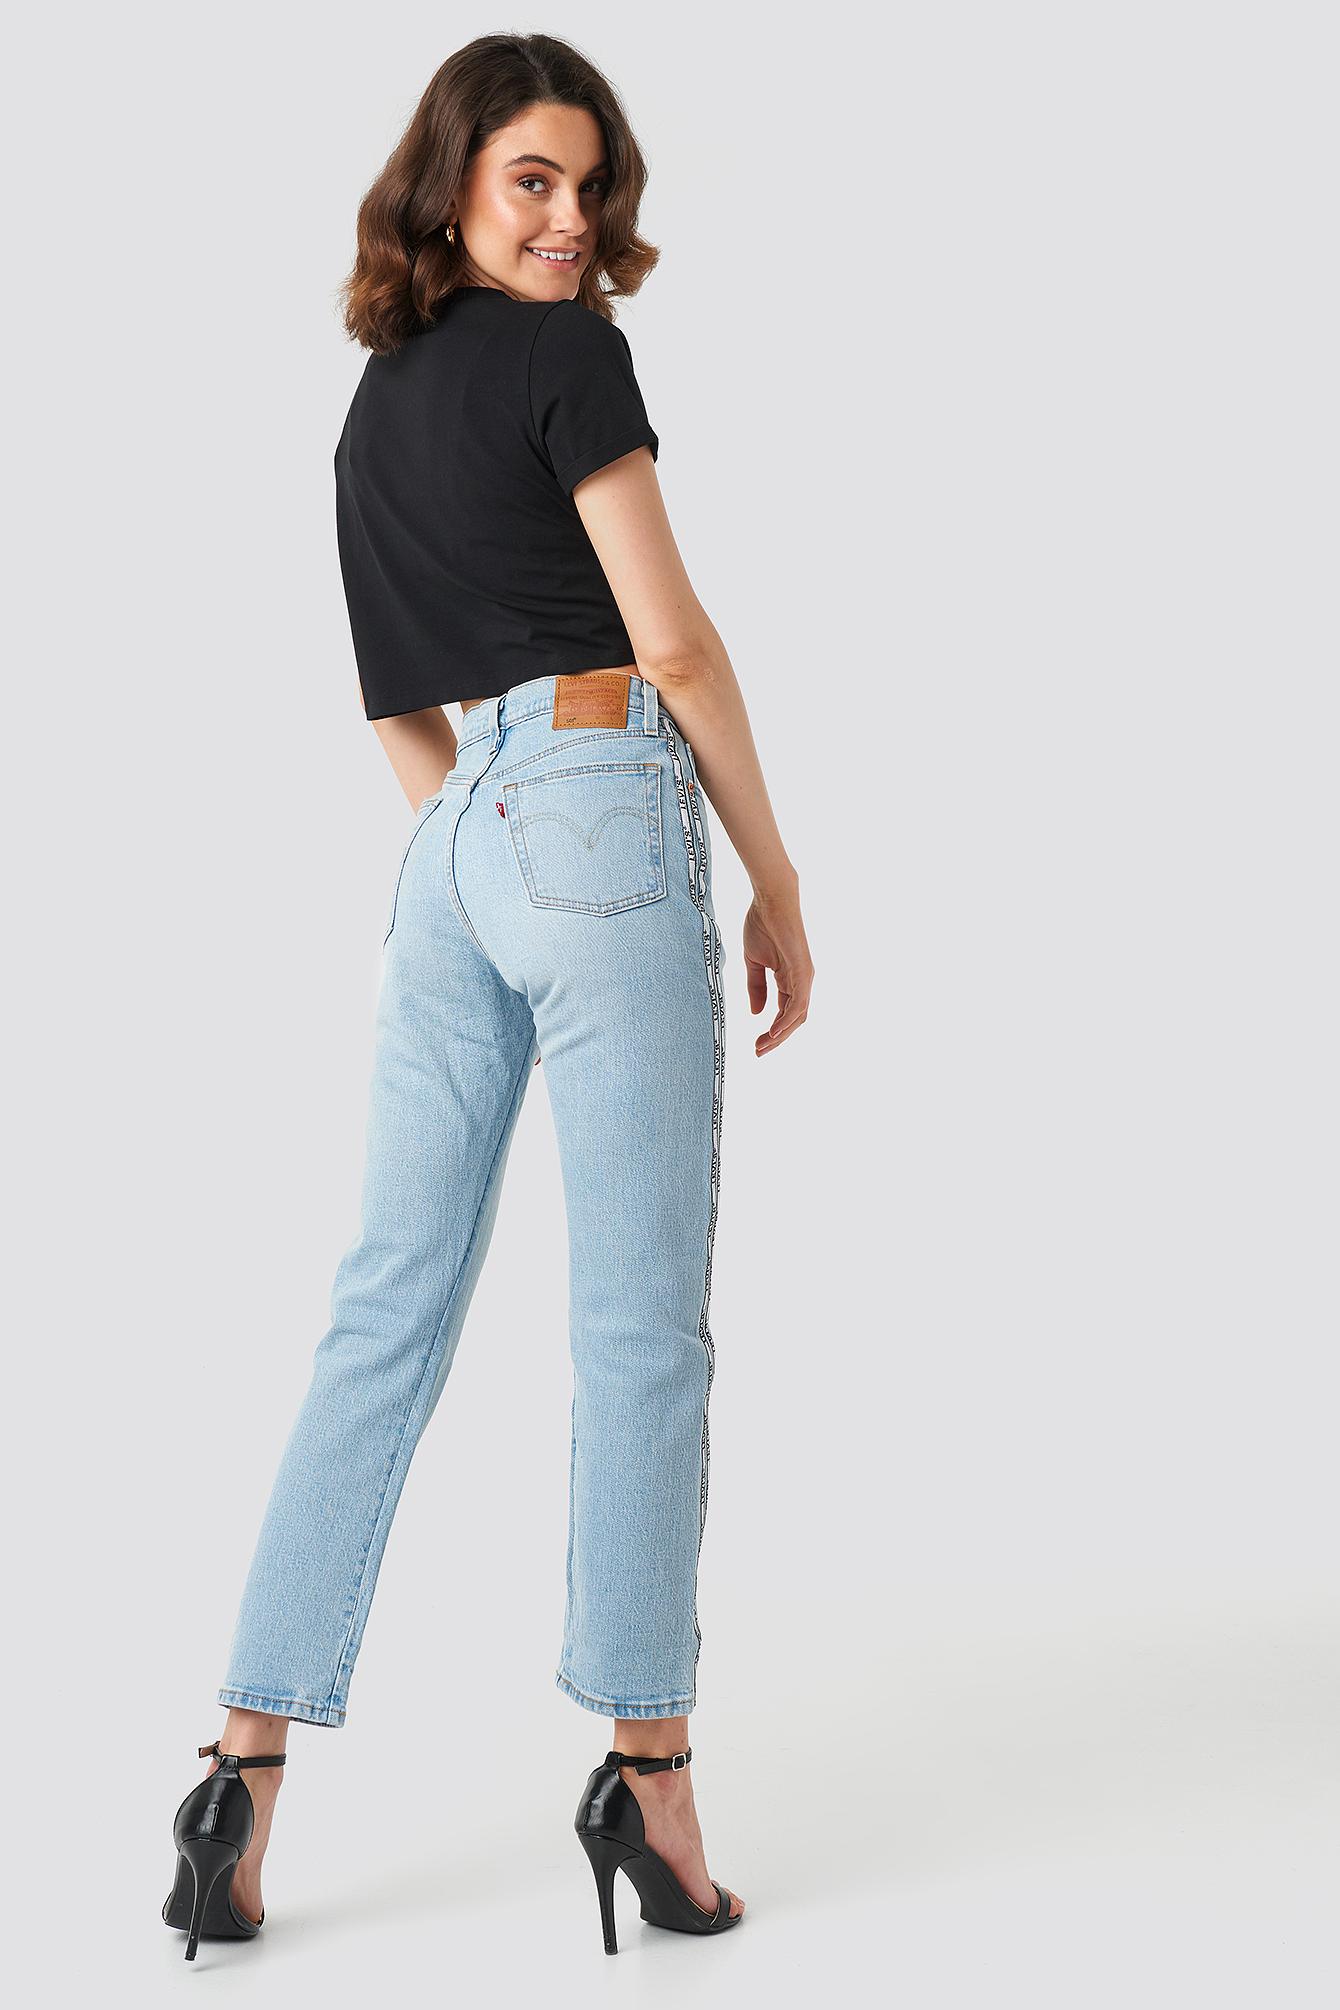 Levi's 501 Crop Jeans Blue In Dibs W/ Tape